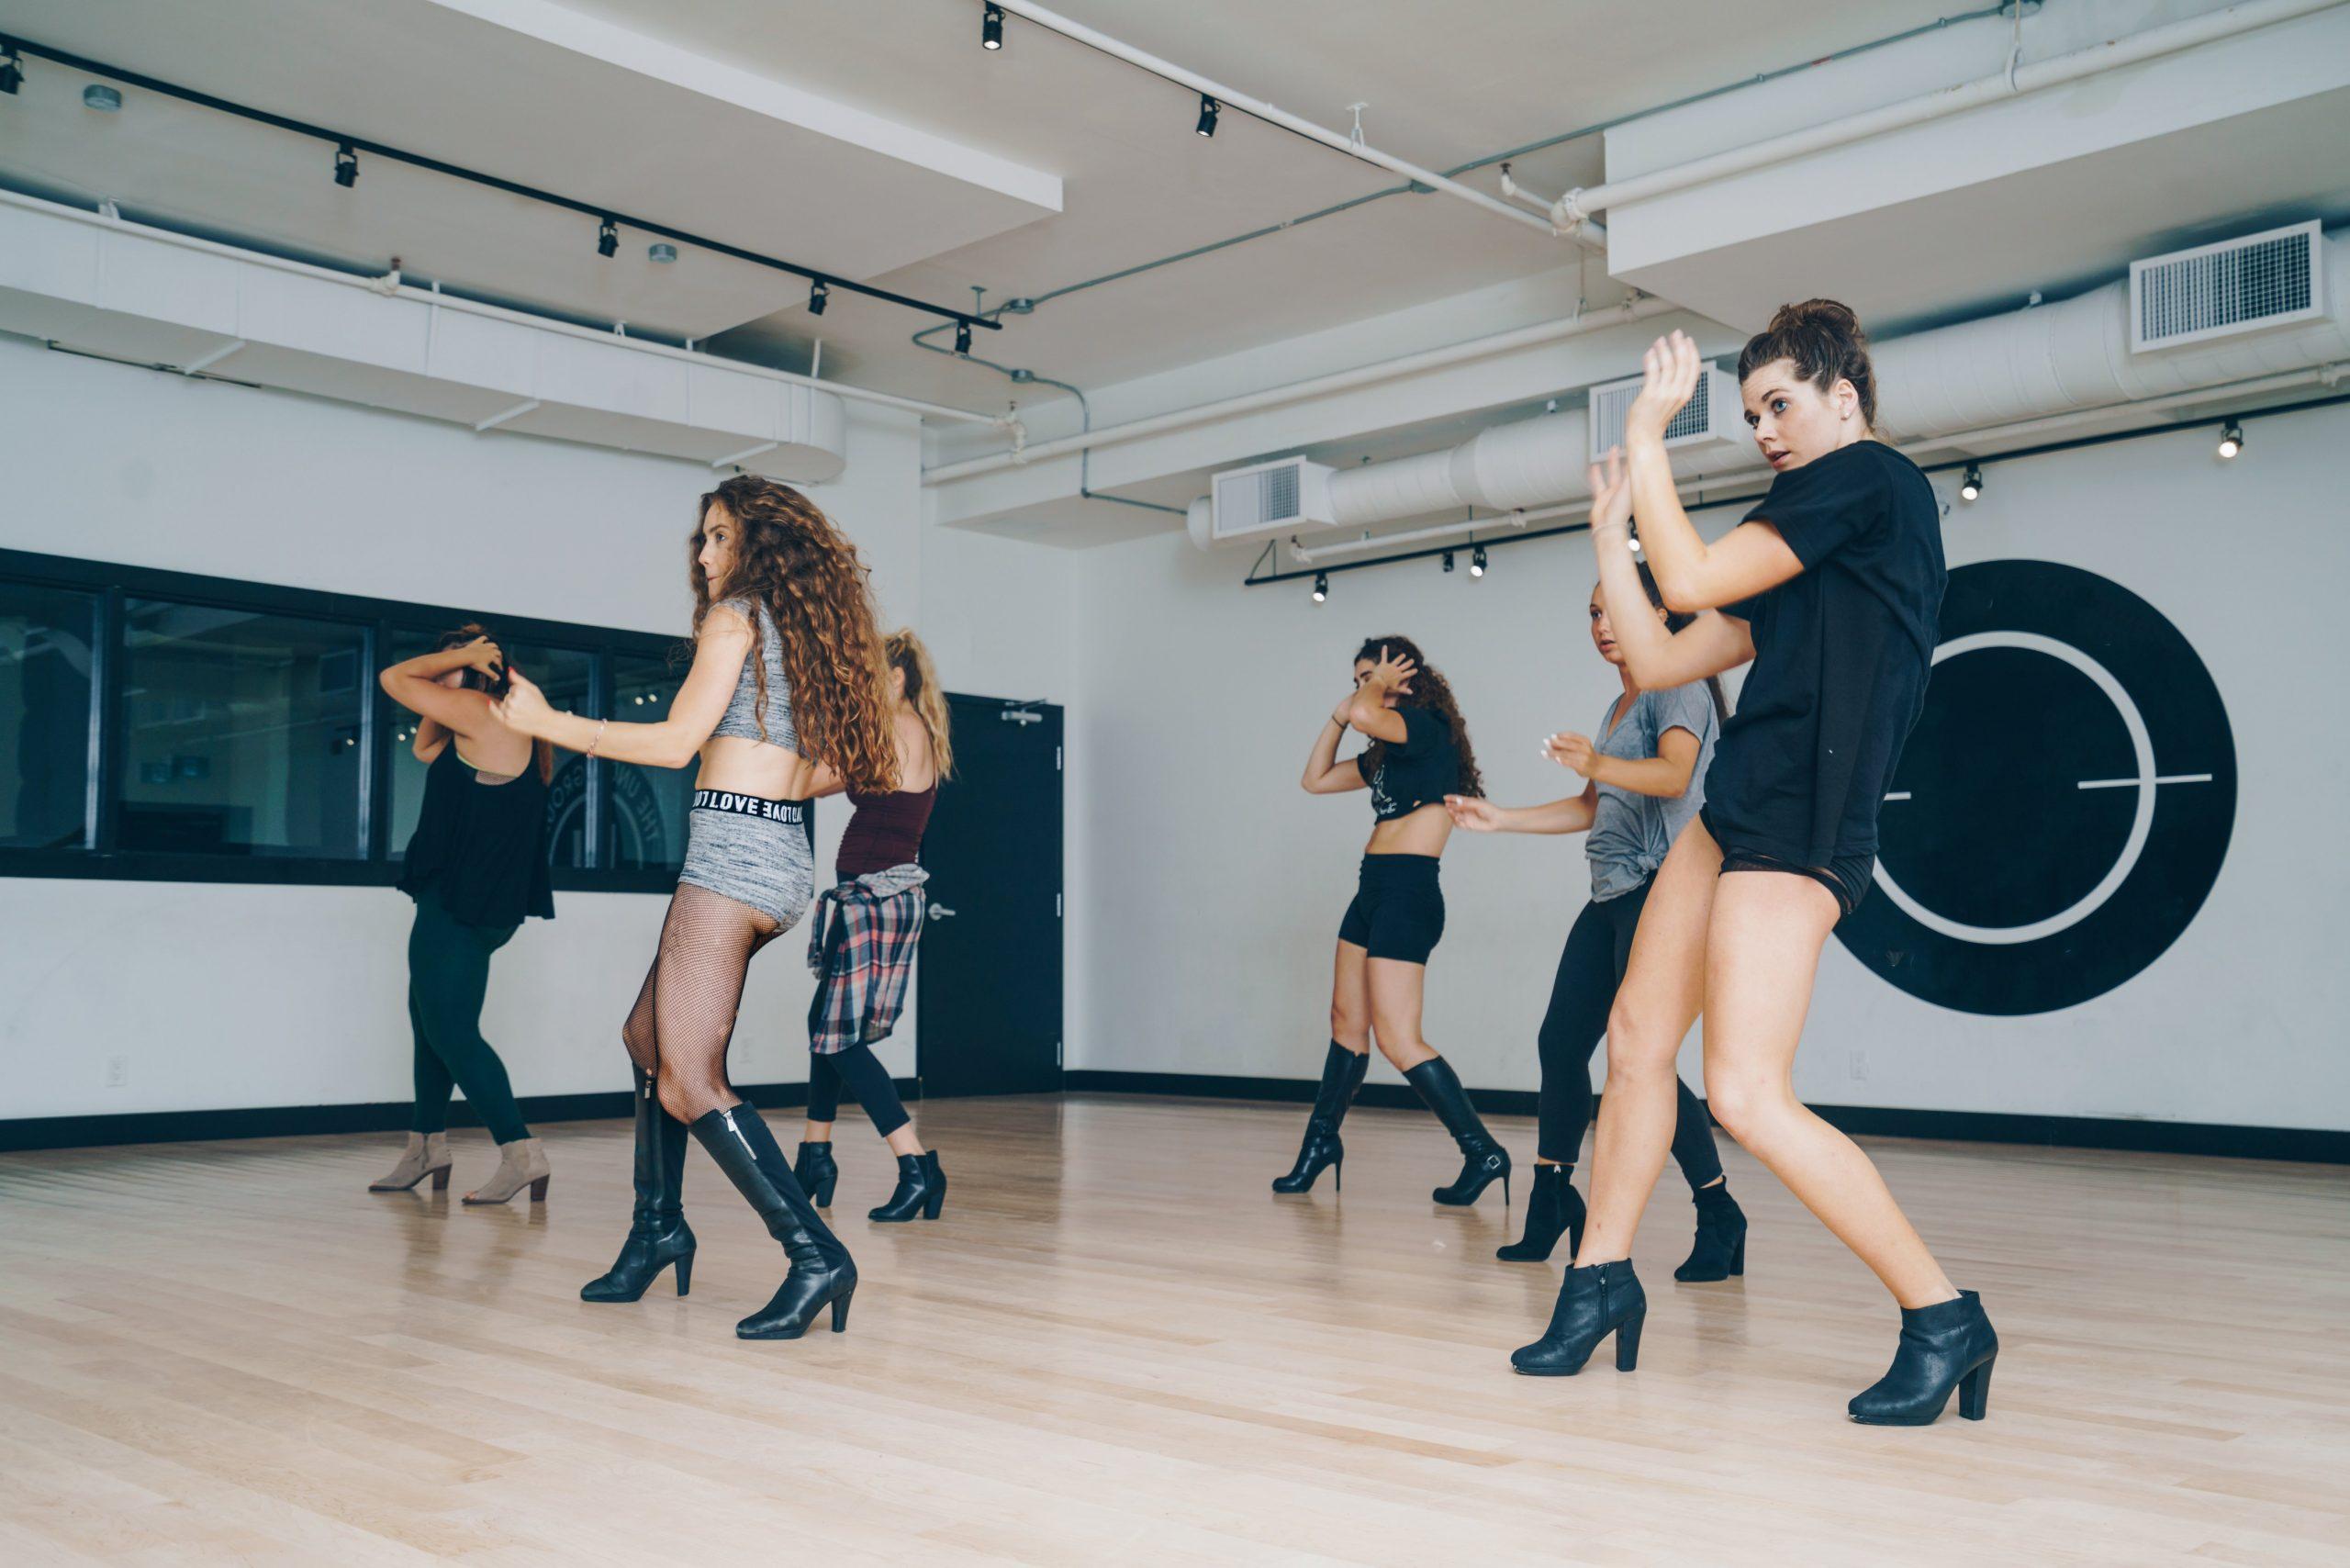 dance-studio-practice.jpg